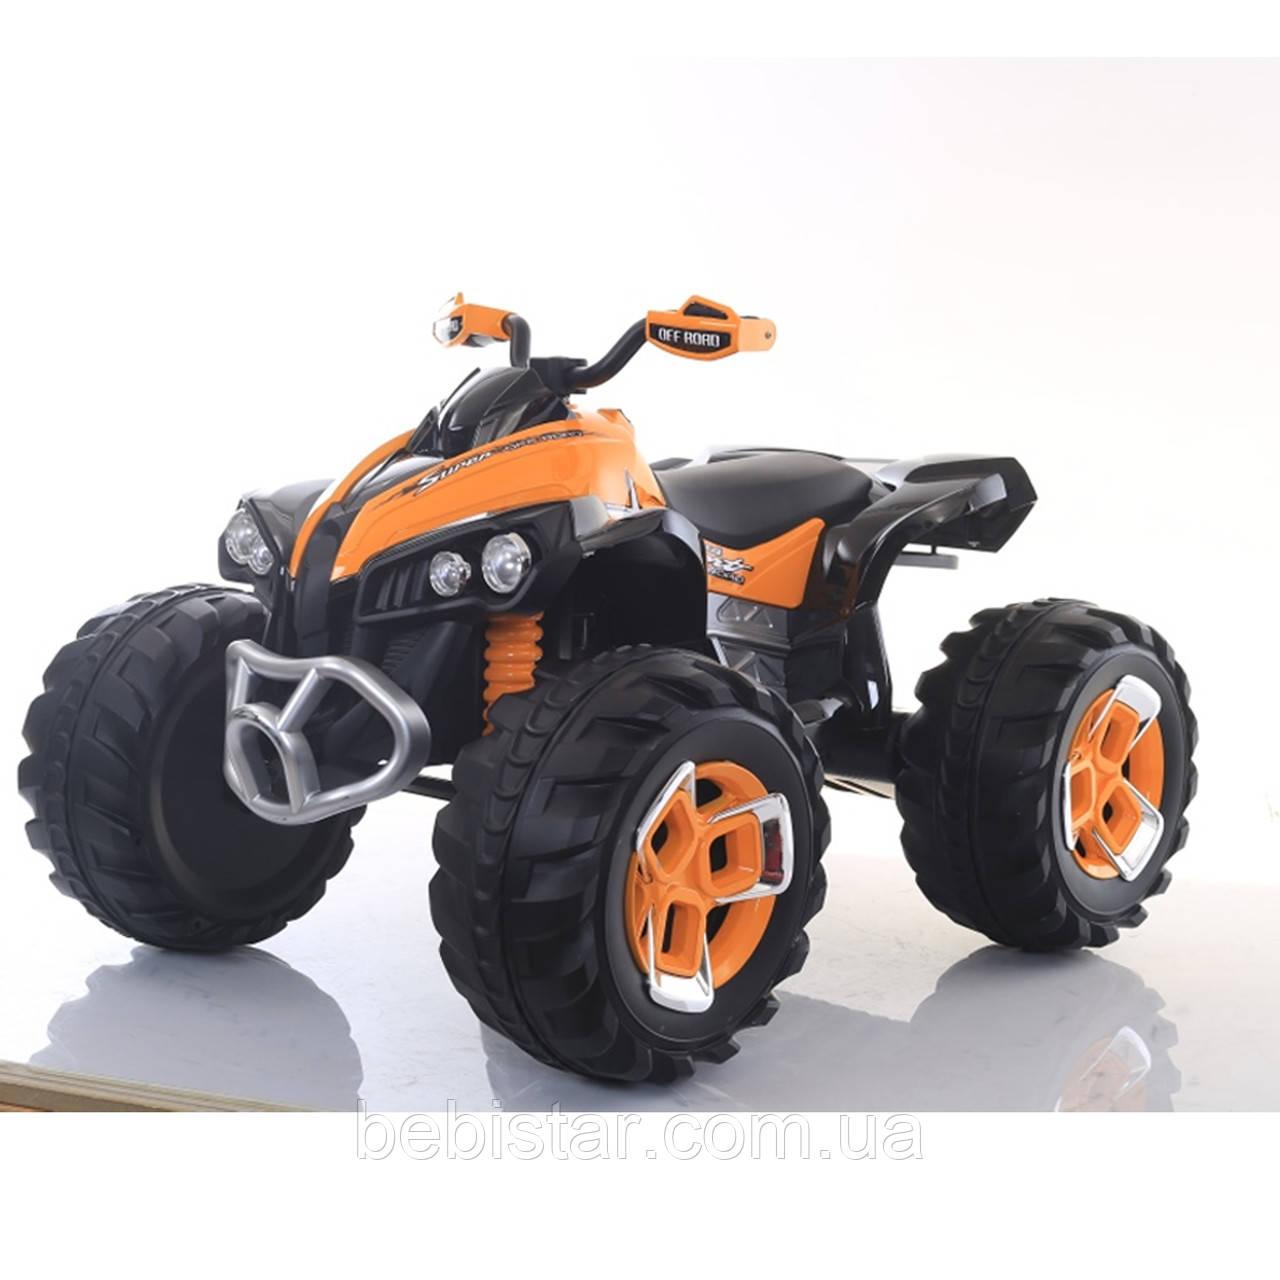 Дитячий квадроцикл електромобіль з пультом помаранчевий для дітей 3-8 років мотор 2*25W акумулятор 12V7AH